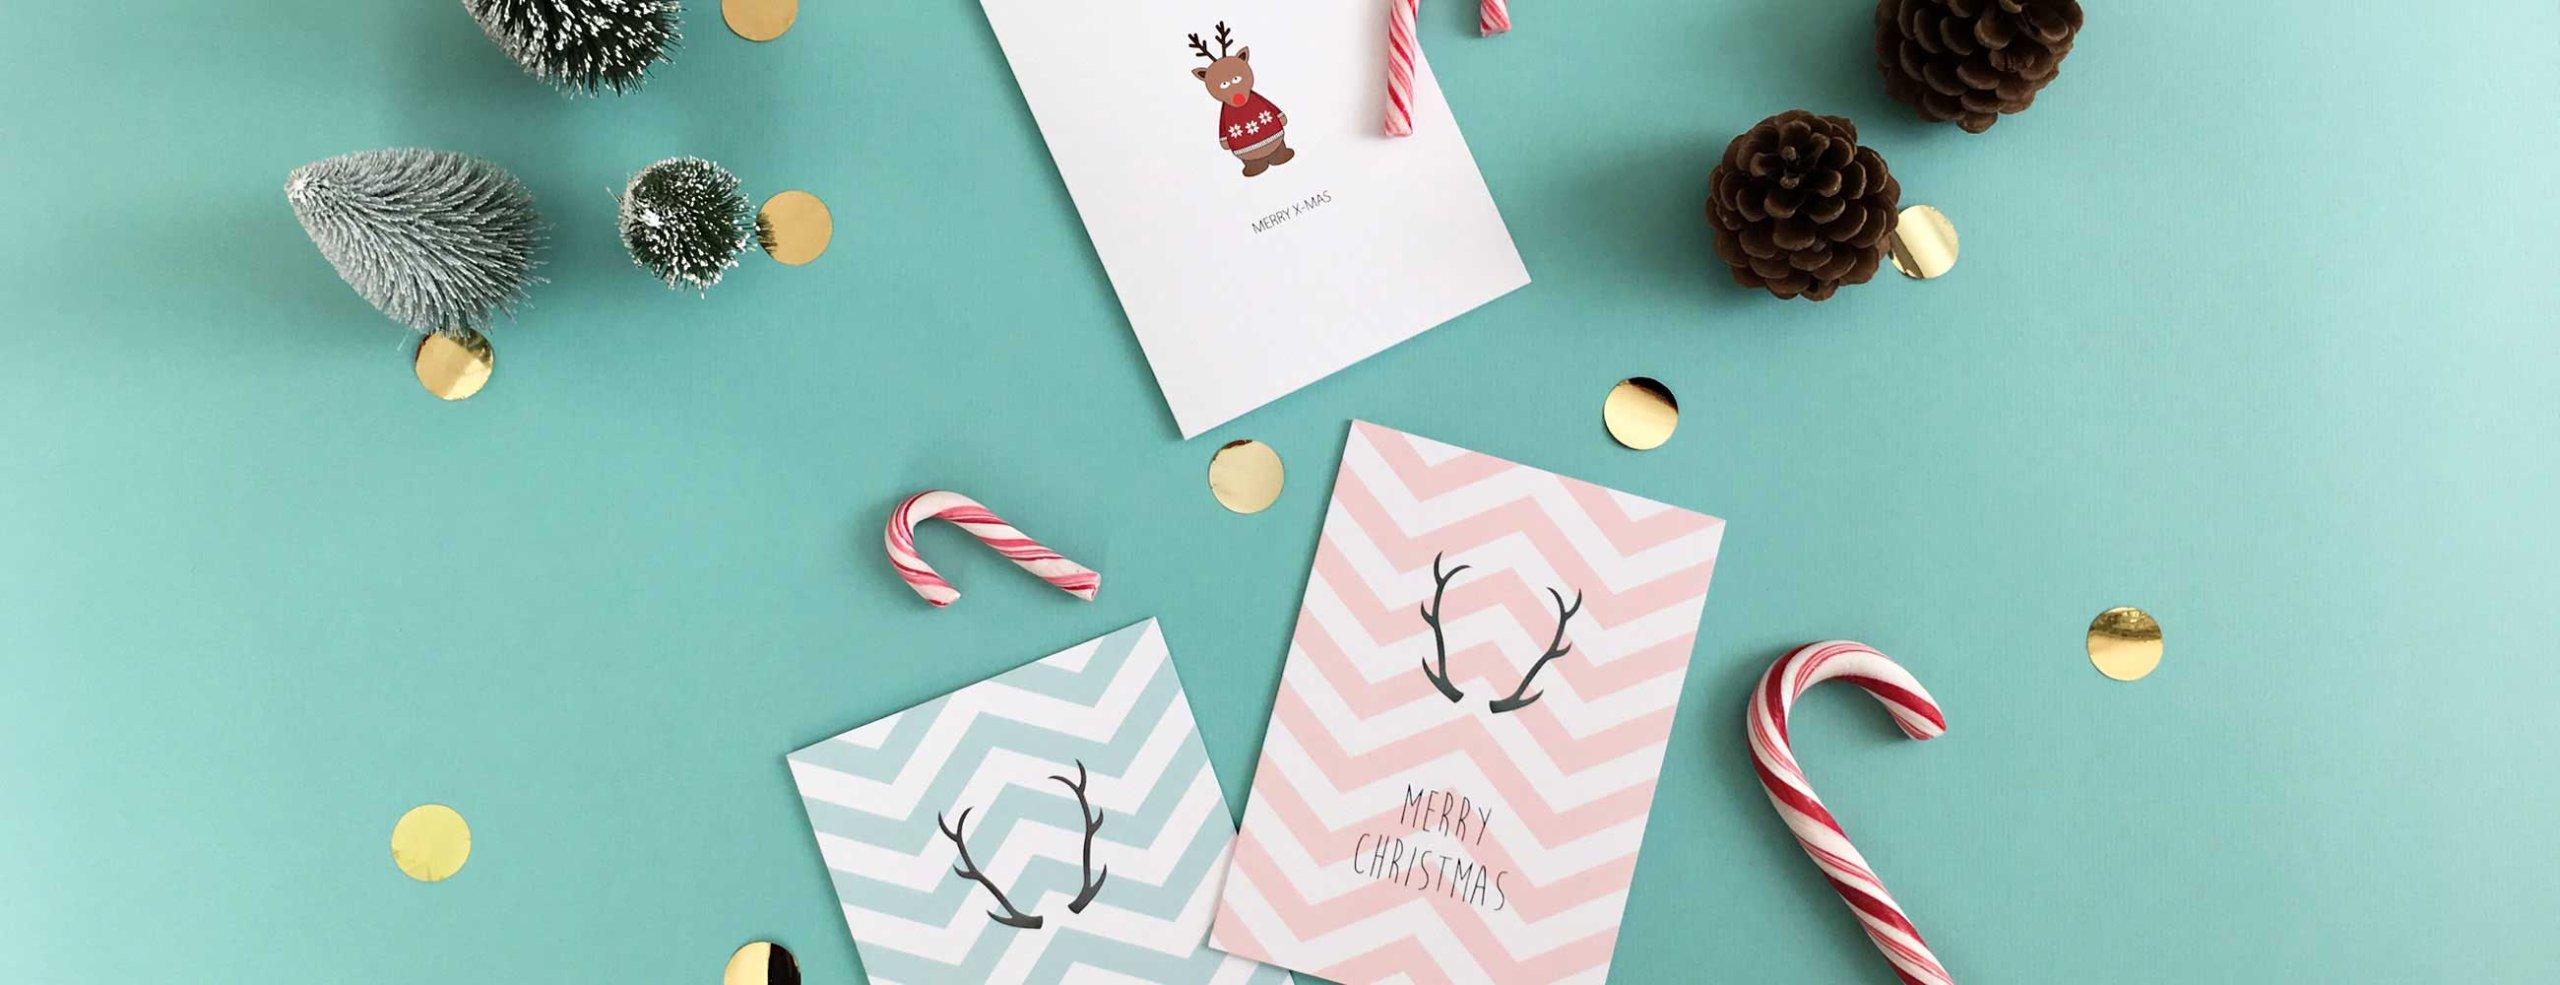 Weihnachten Neujahr: Weihnachtskarte Neujahrskarte